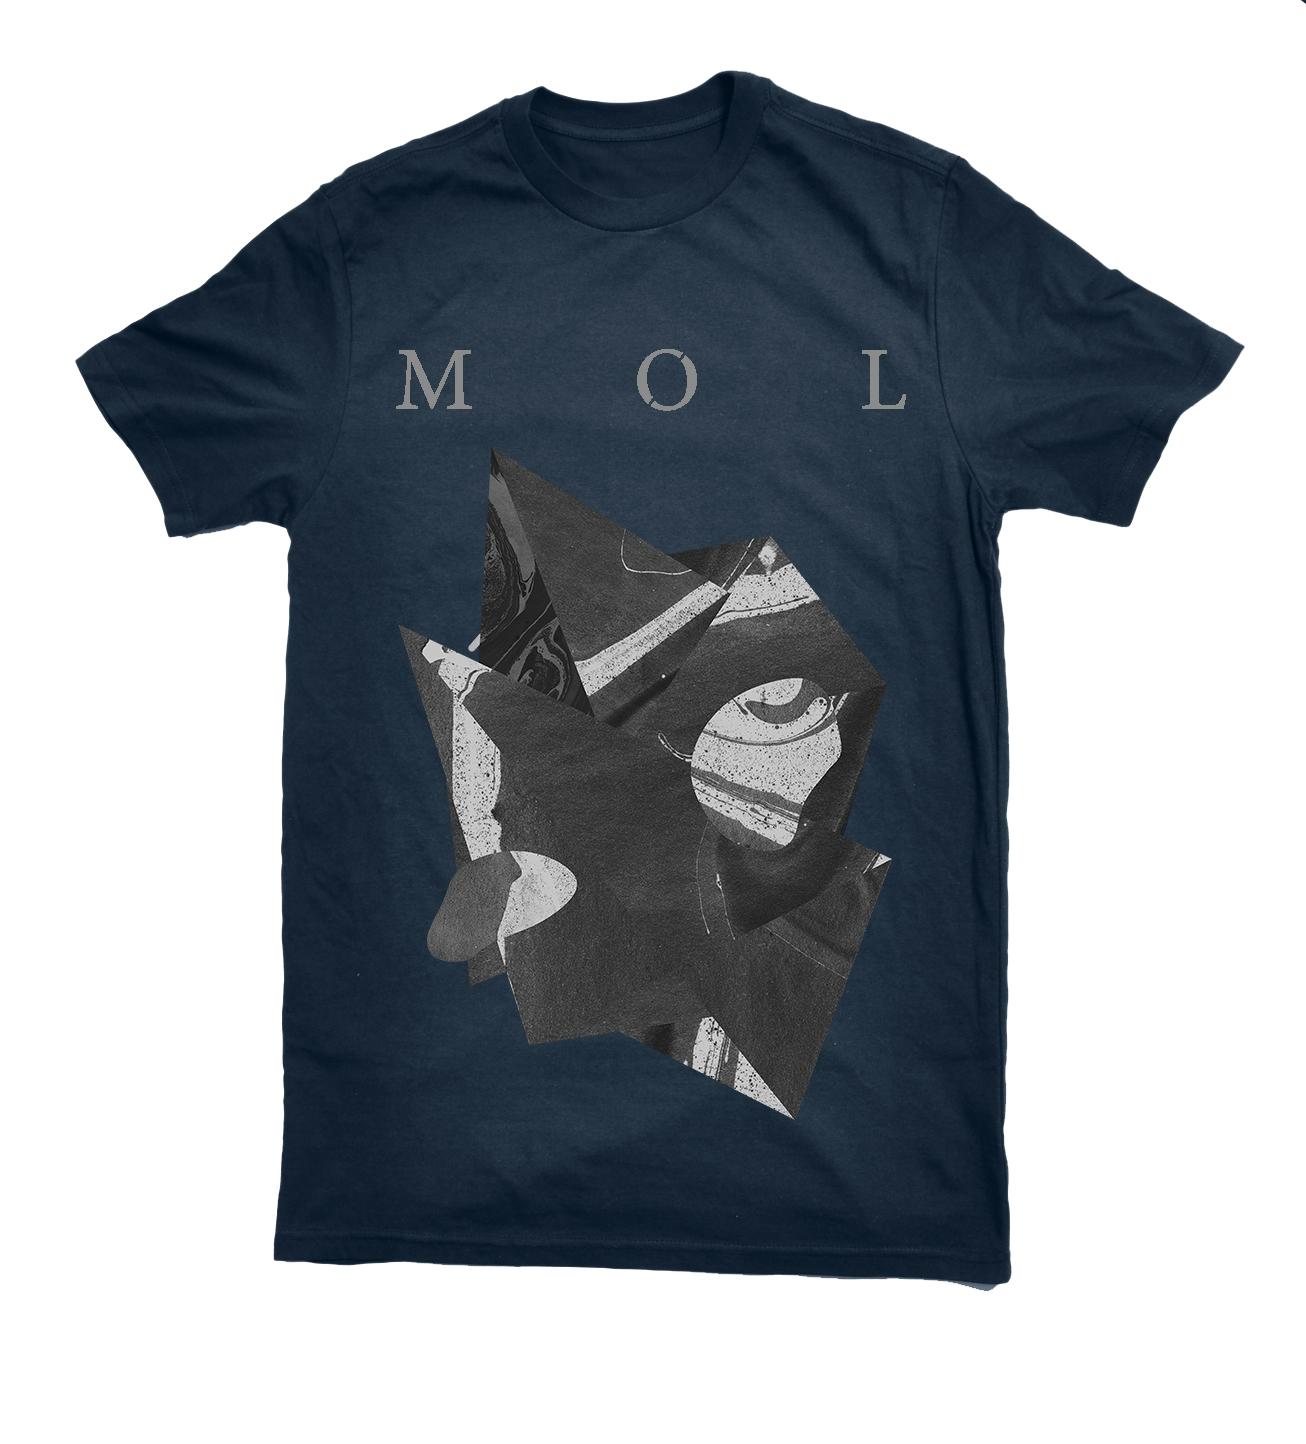 MØL - JORD shirt PREORDER